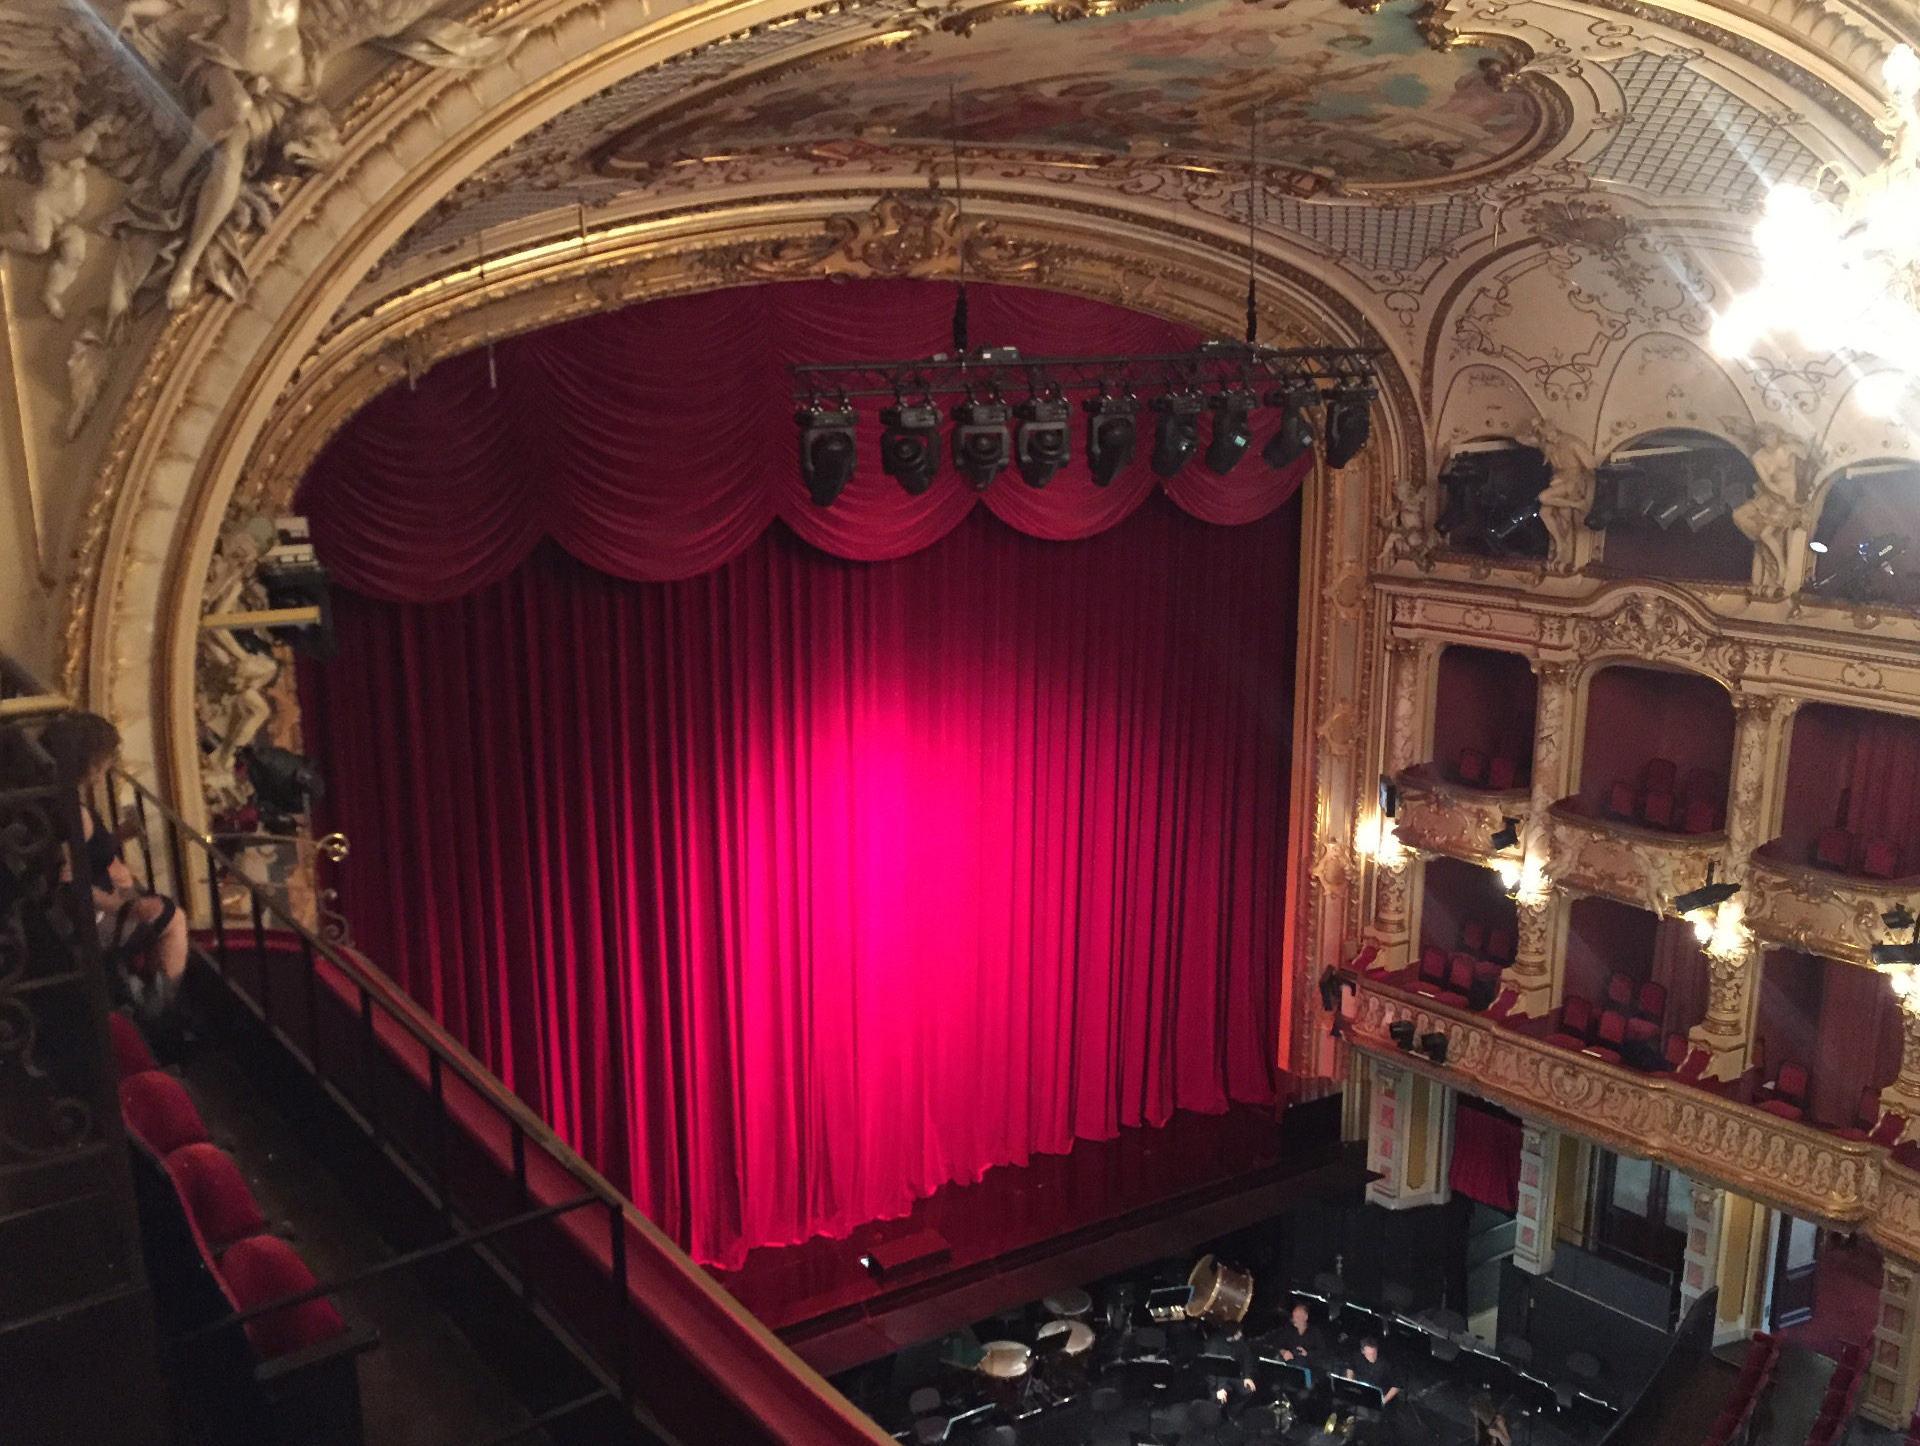 zurych zurich opera sztuka iglawpodrozy